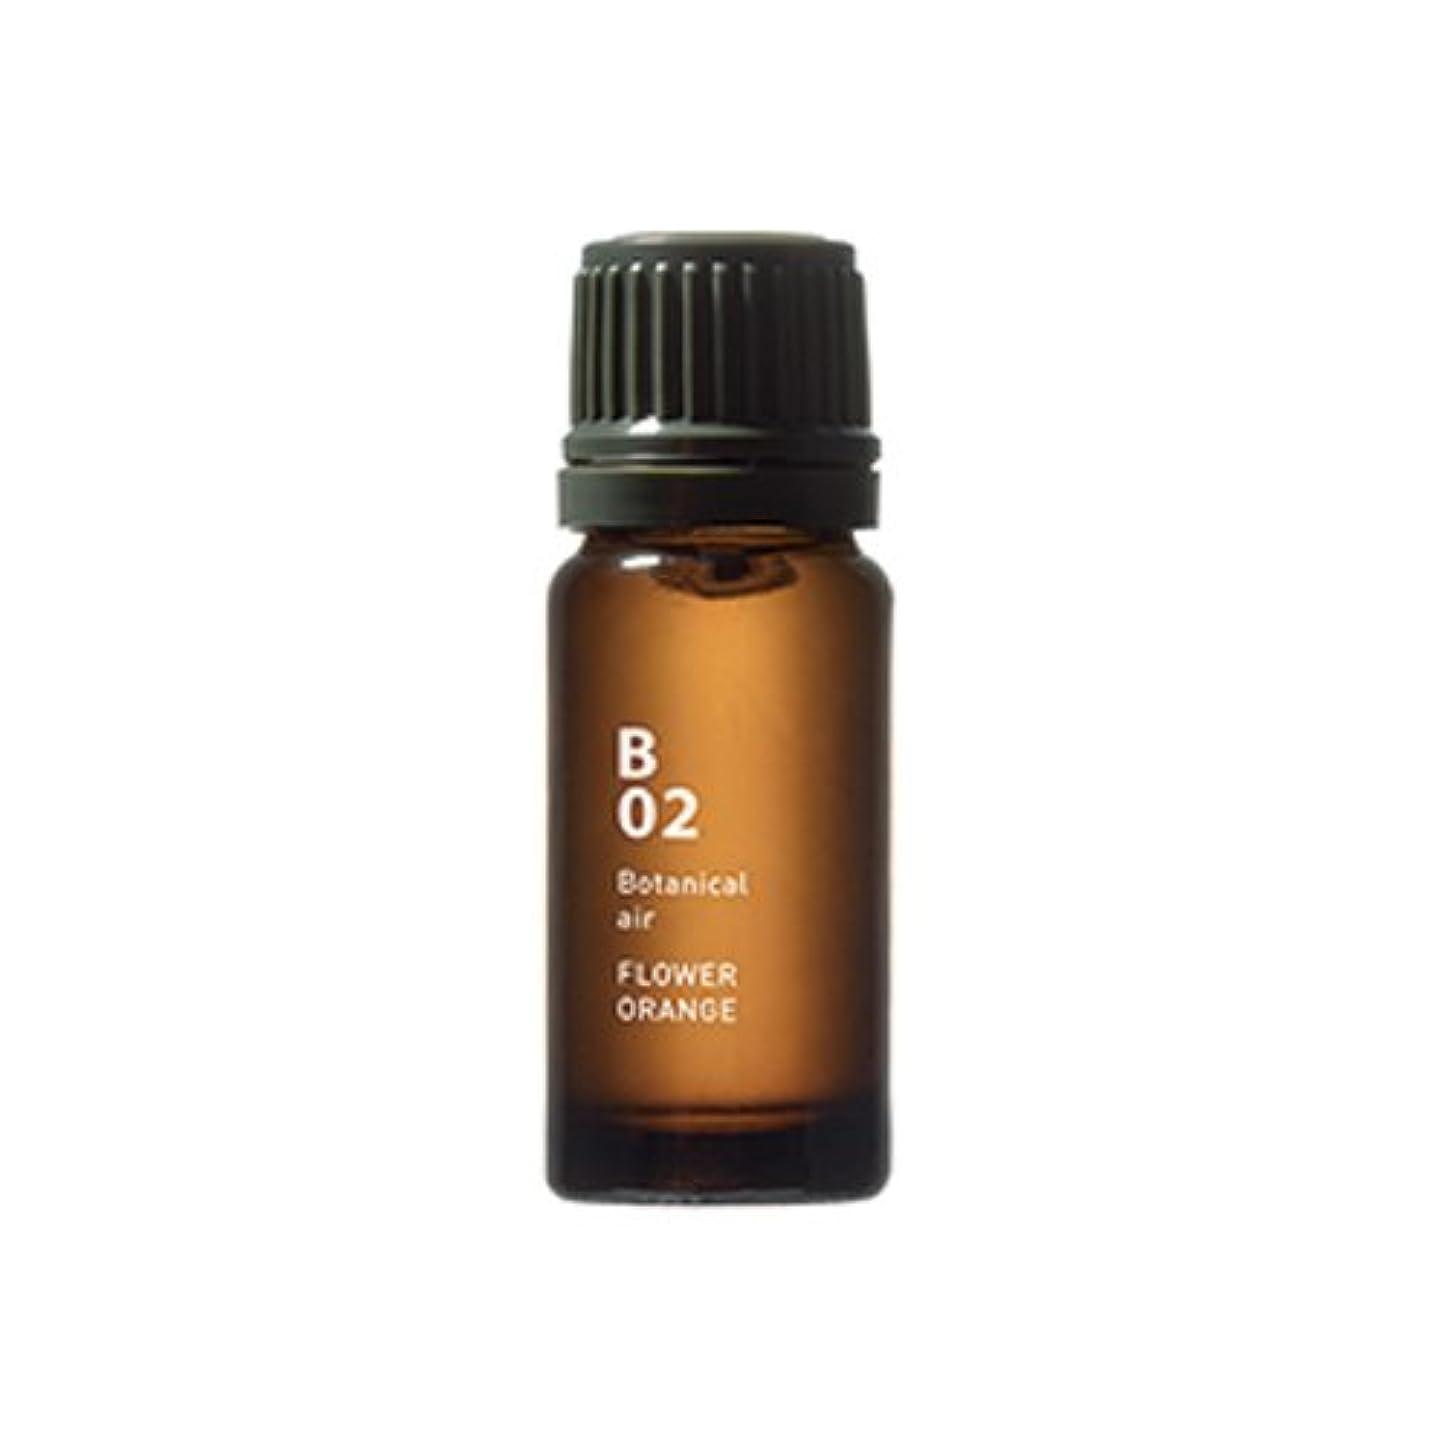 デッキ鎮静剤油B02 フラワーオレンジ Botanical air(ボタニカルエアー) 10ml